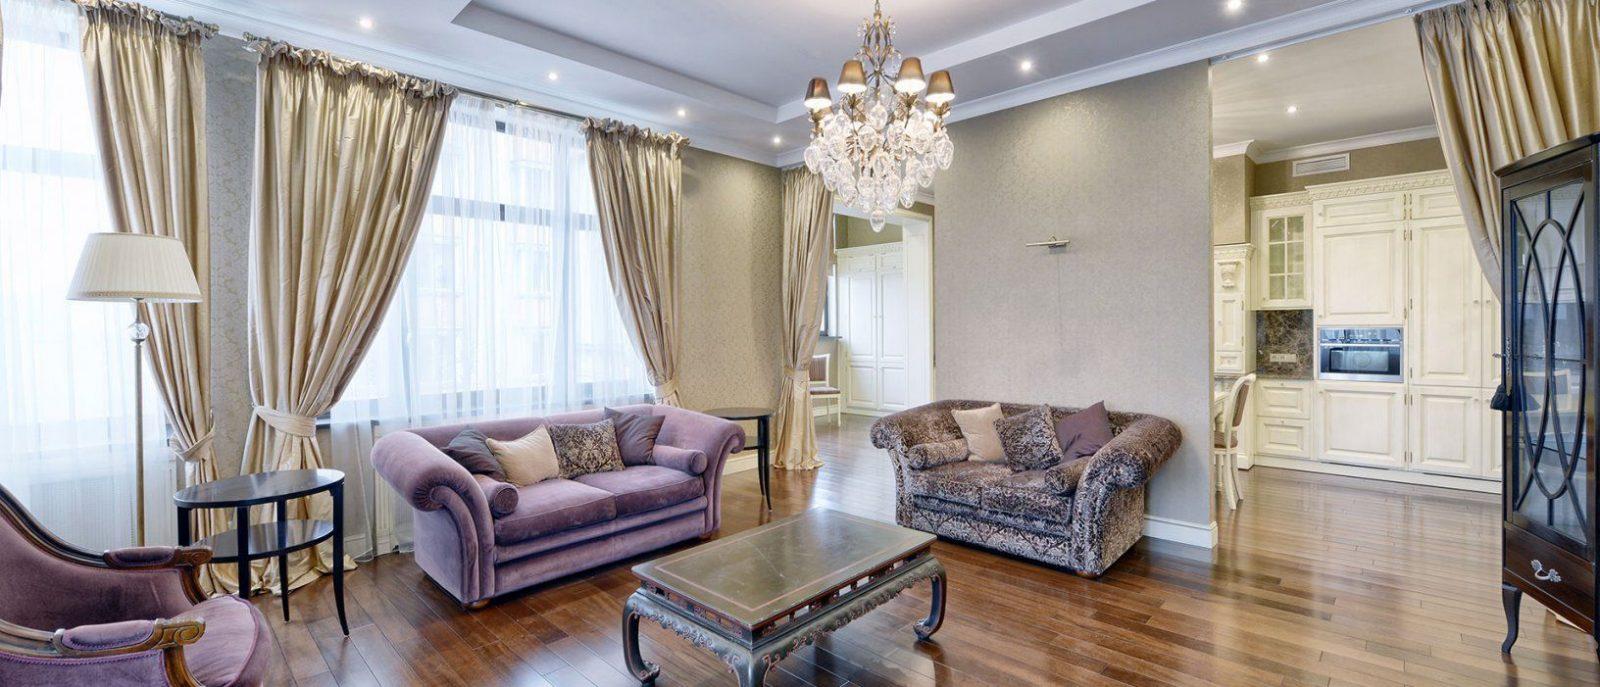 Wohnzimmer Gardinen Nach Maß Kaufen  Ihre Fensterdeko von Fensterdeko Gardinen Ideen Photo